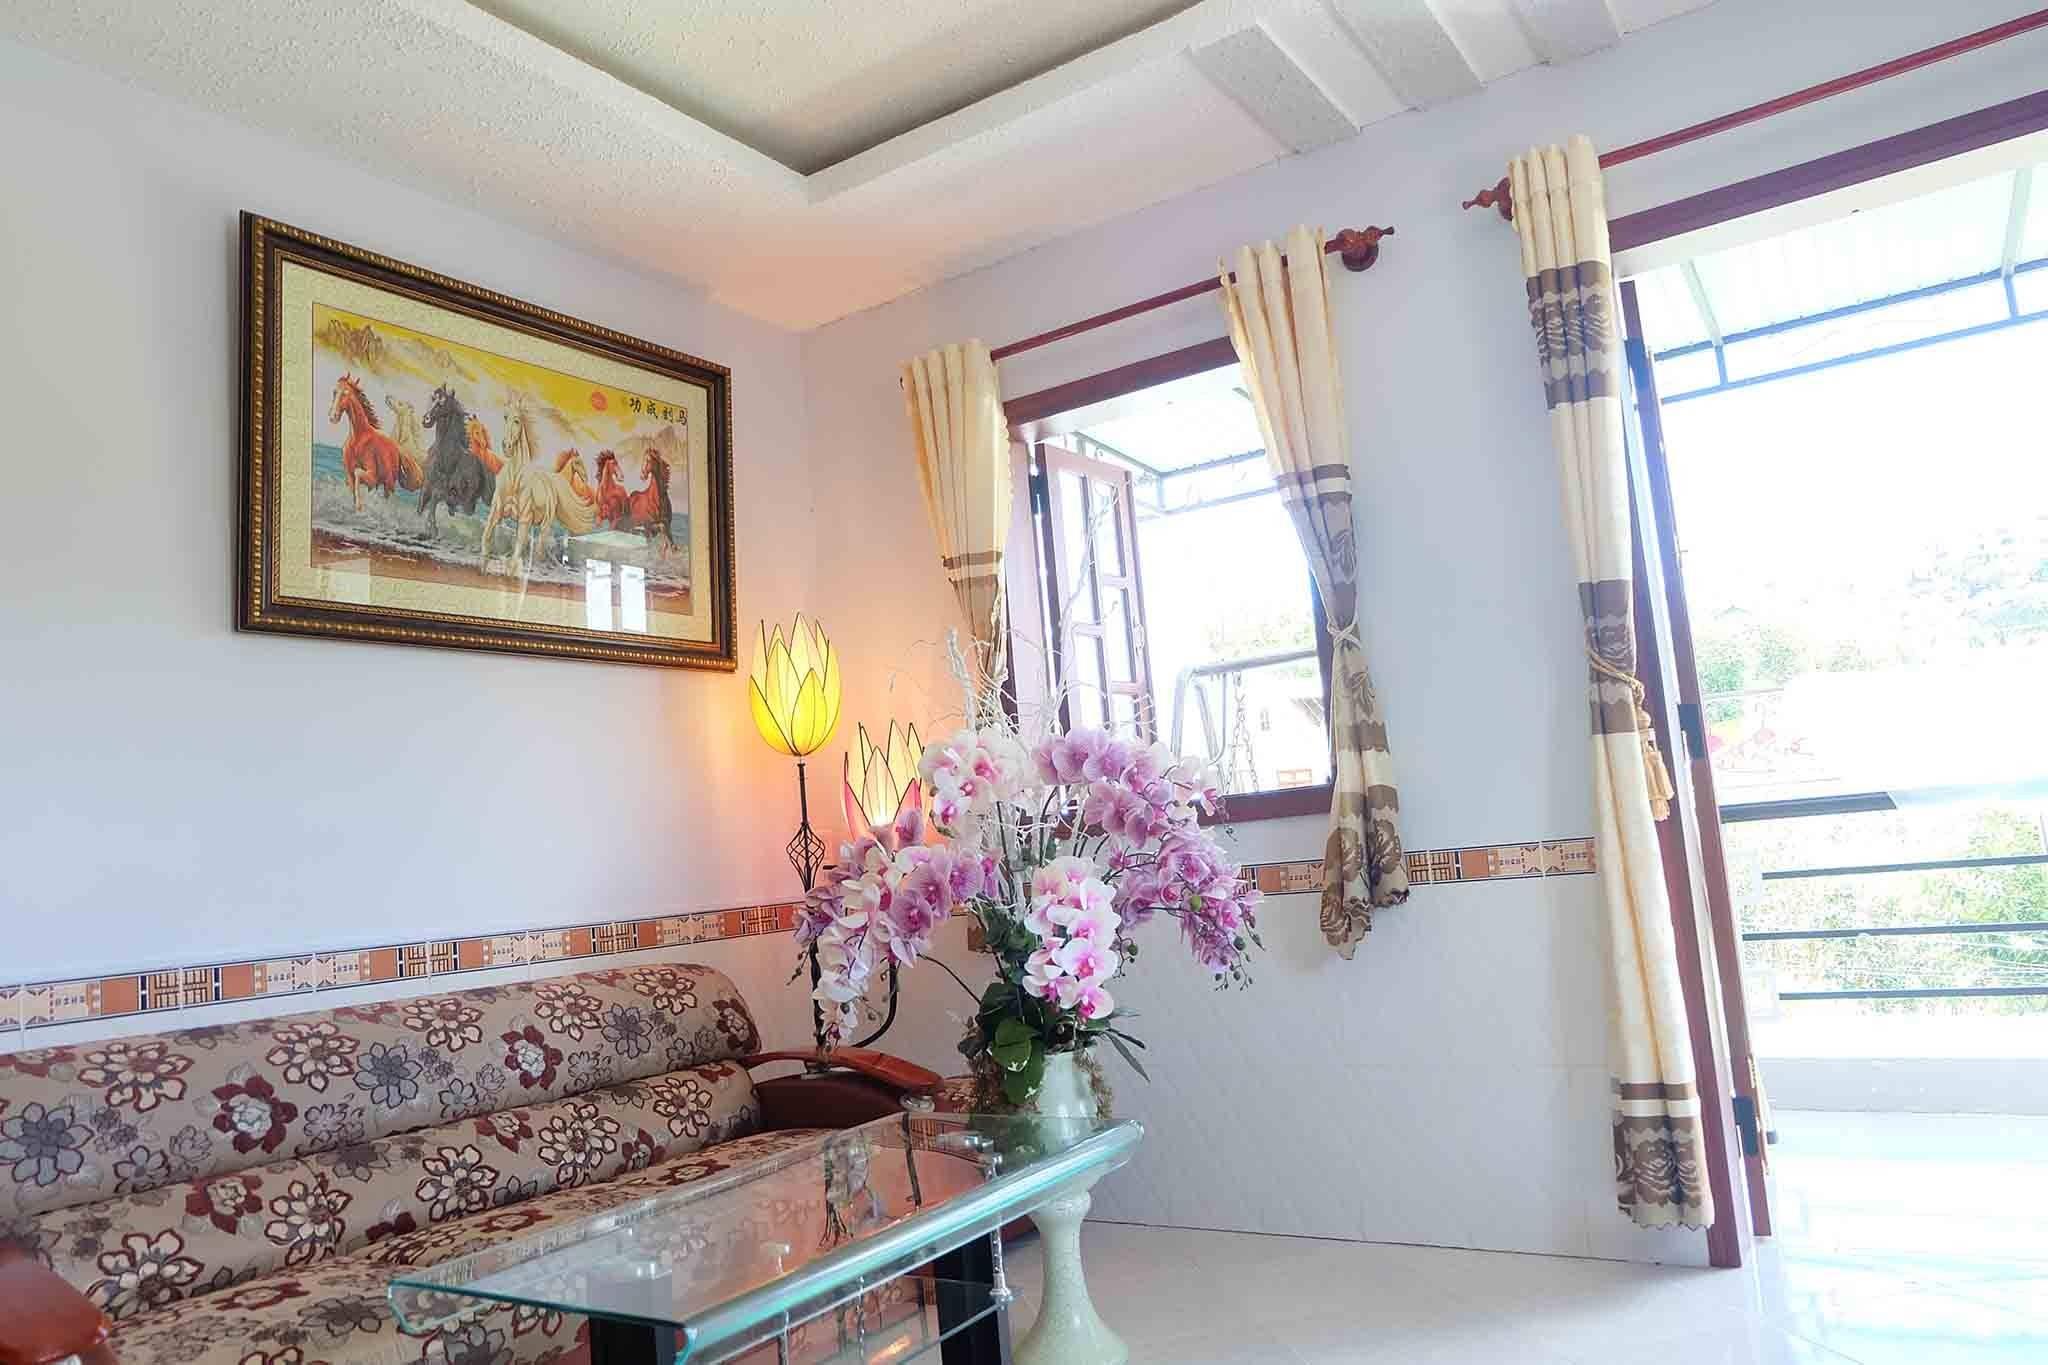 99 Hostel Nhà nghỉ Đà Lạt giá rẻ đẹp gần chợ đêm Hồ Xuân Hương từ 70k